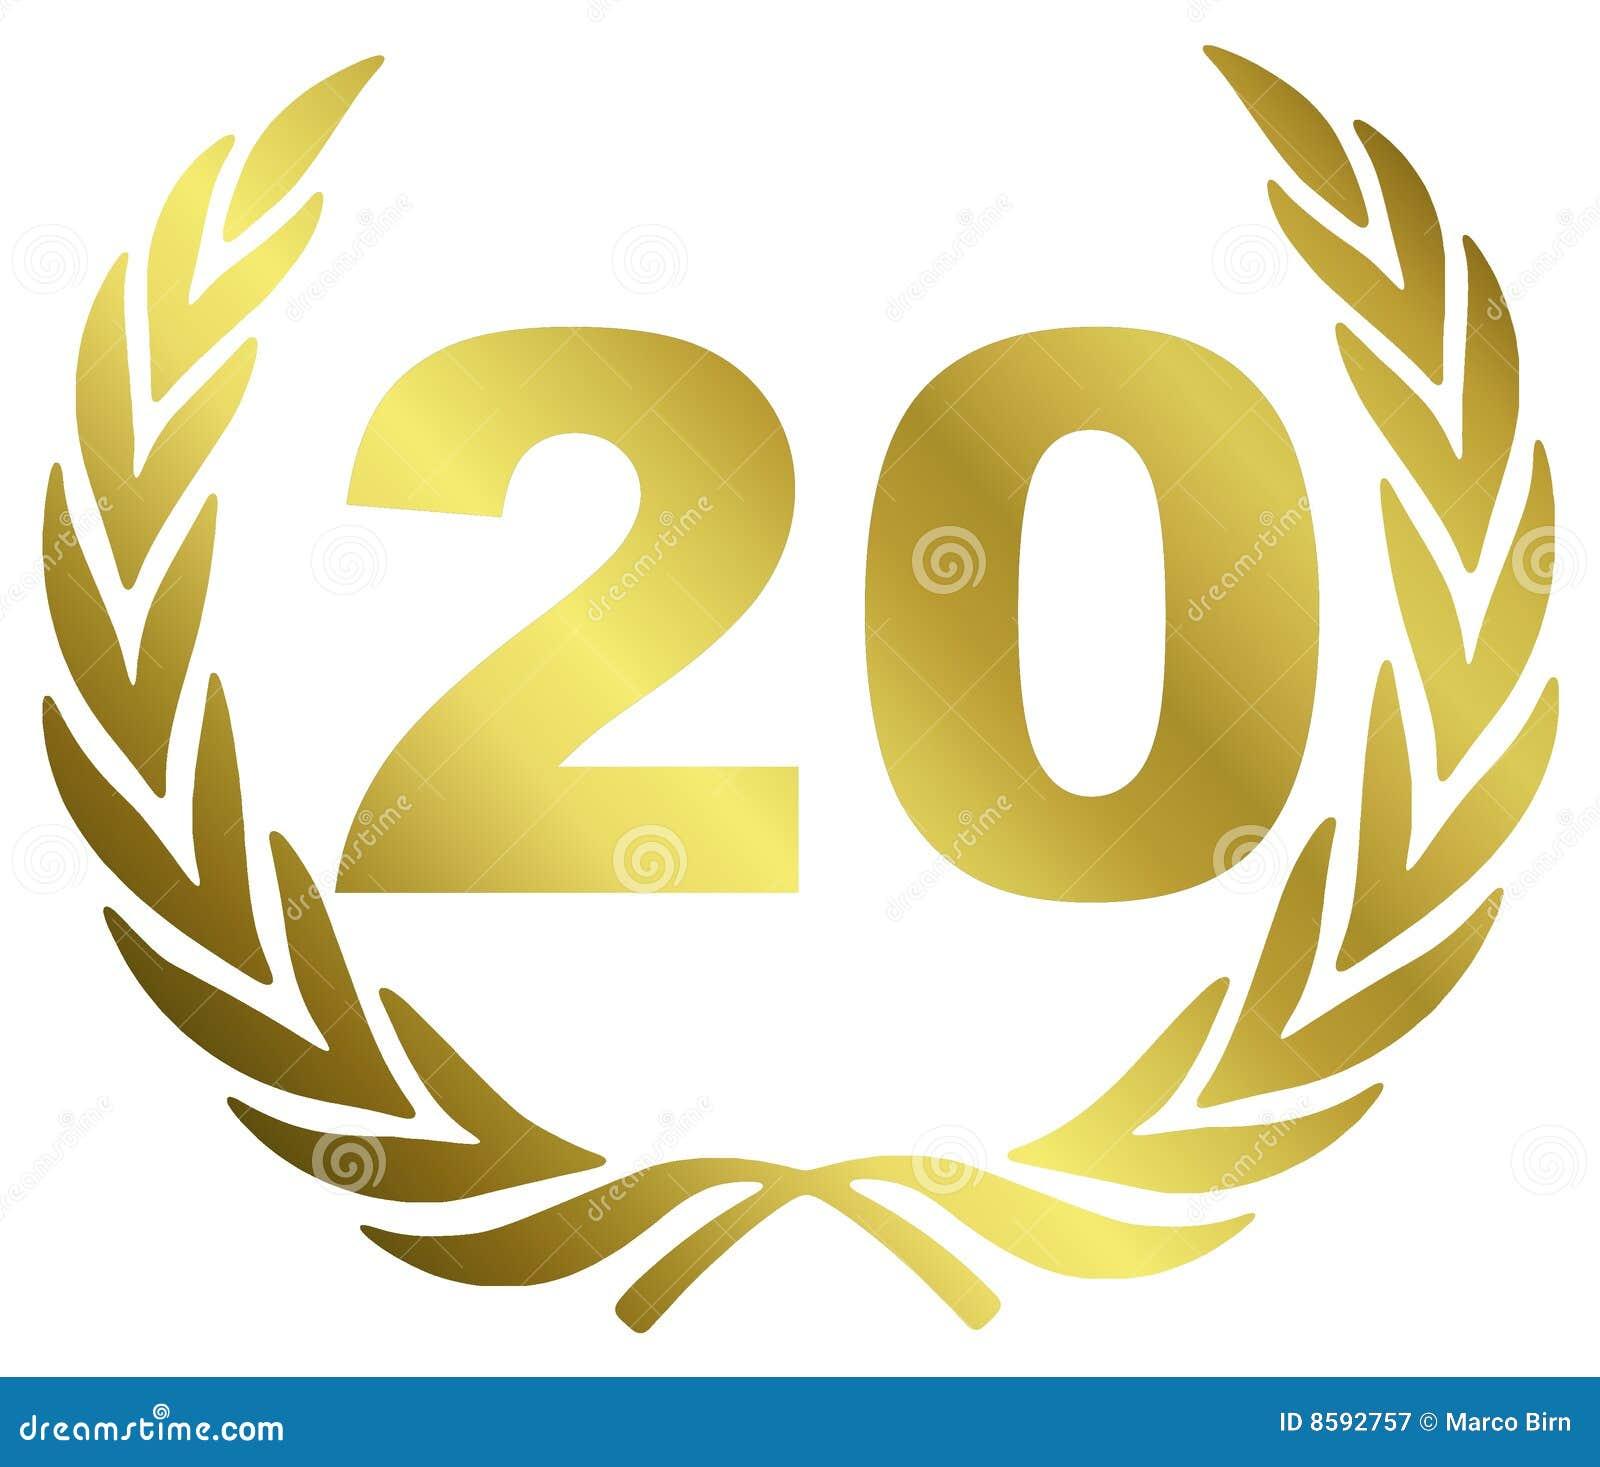 20 Anniversary